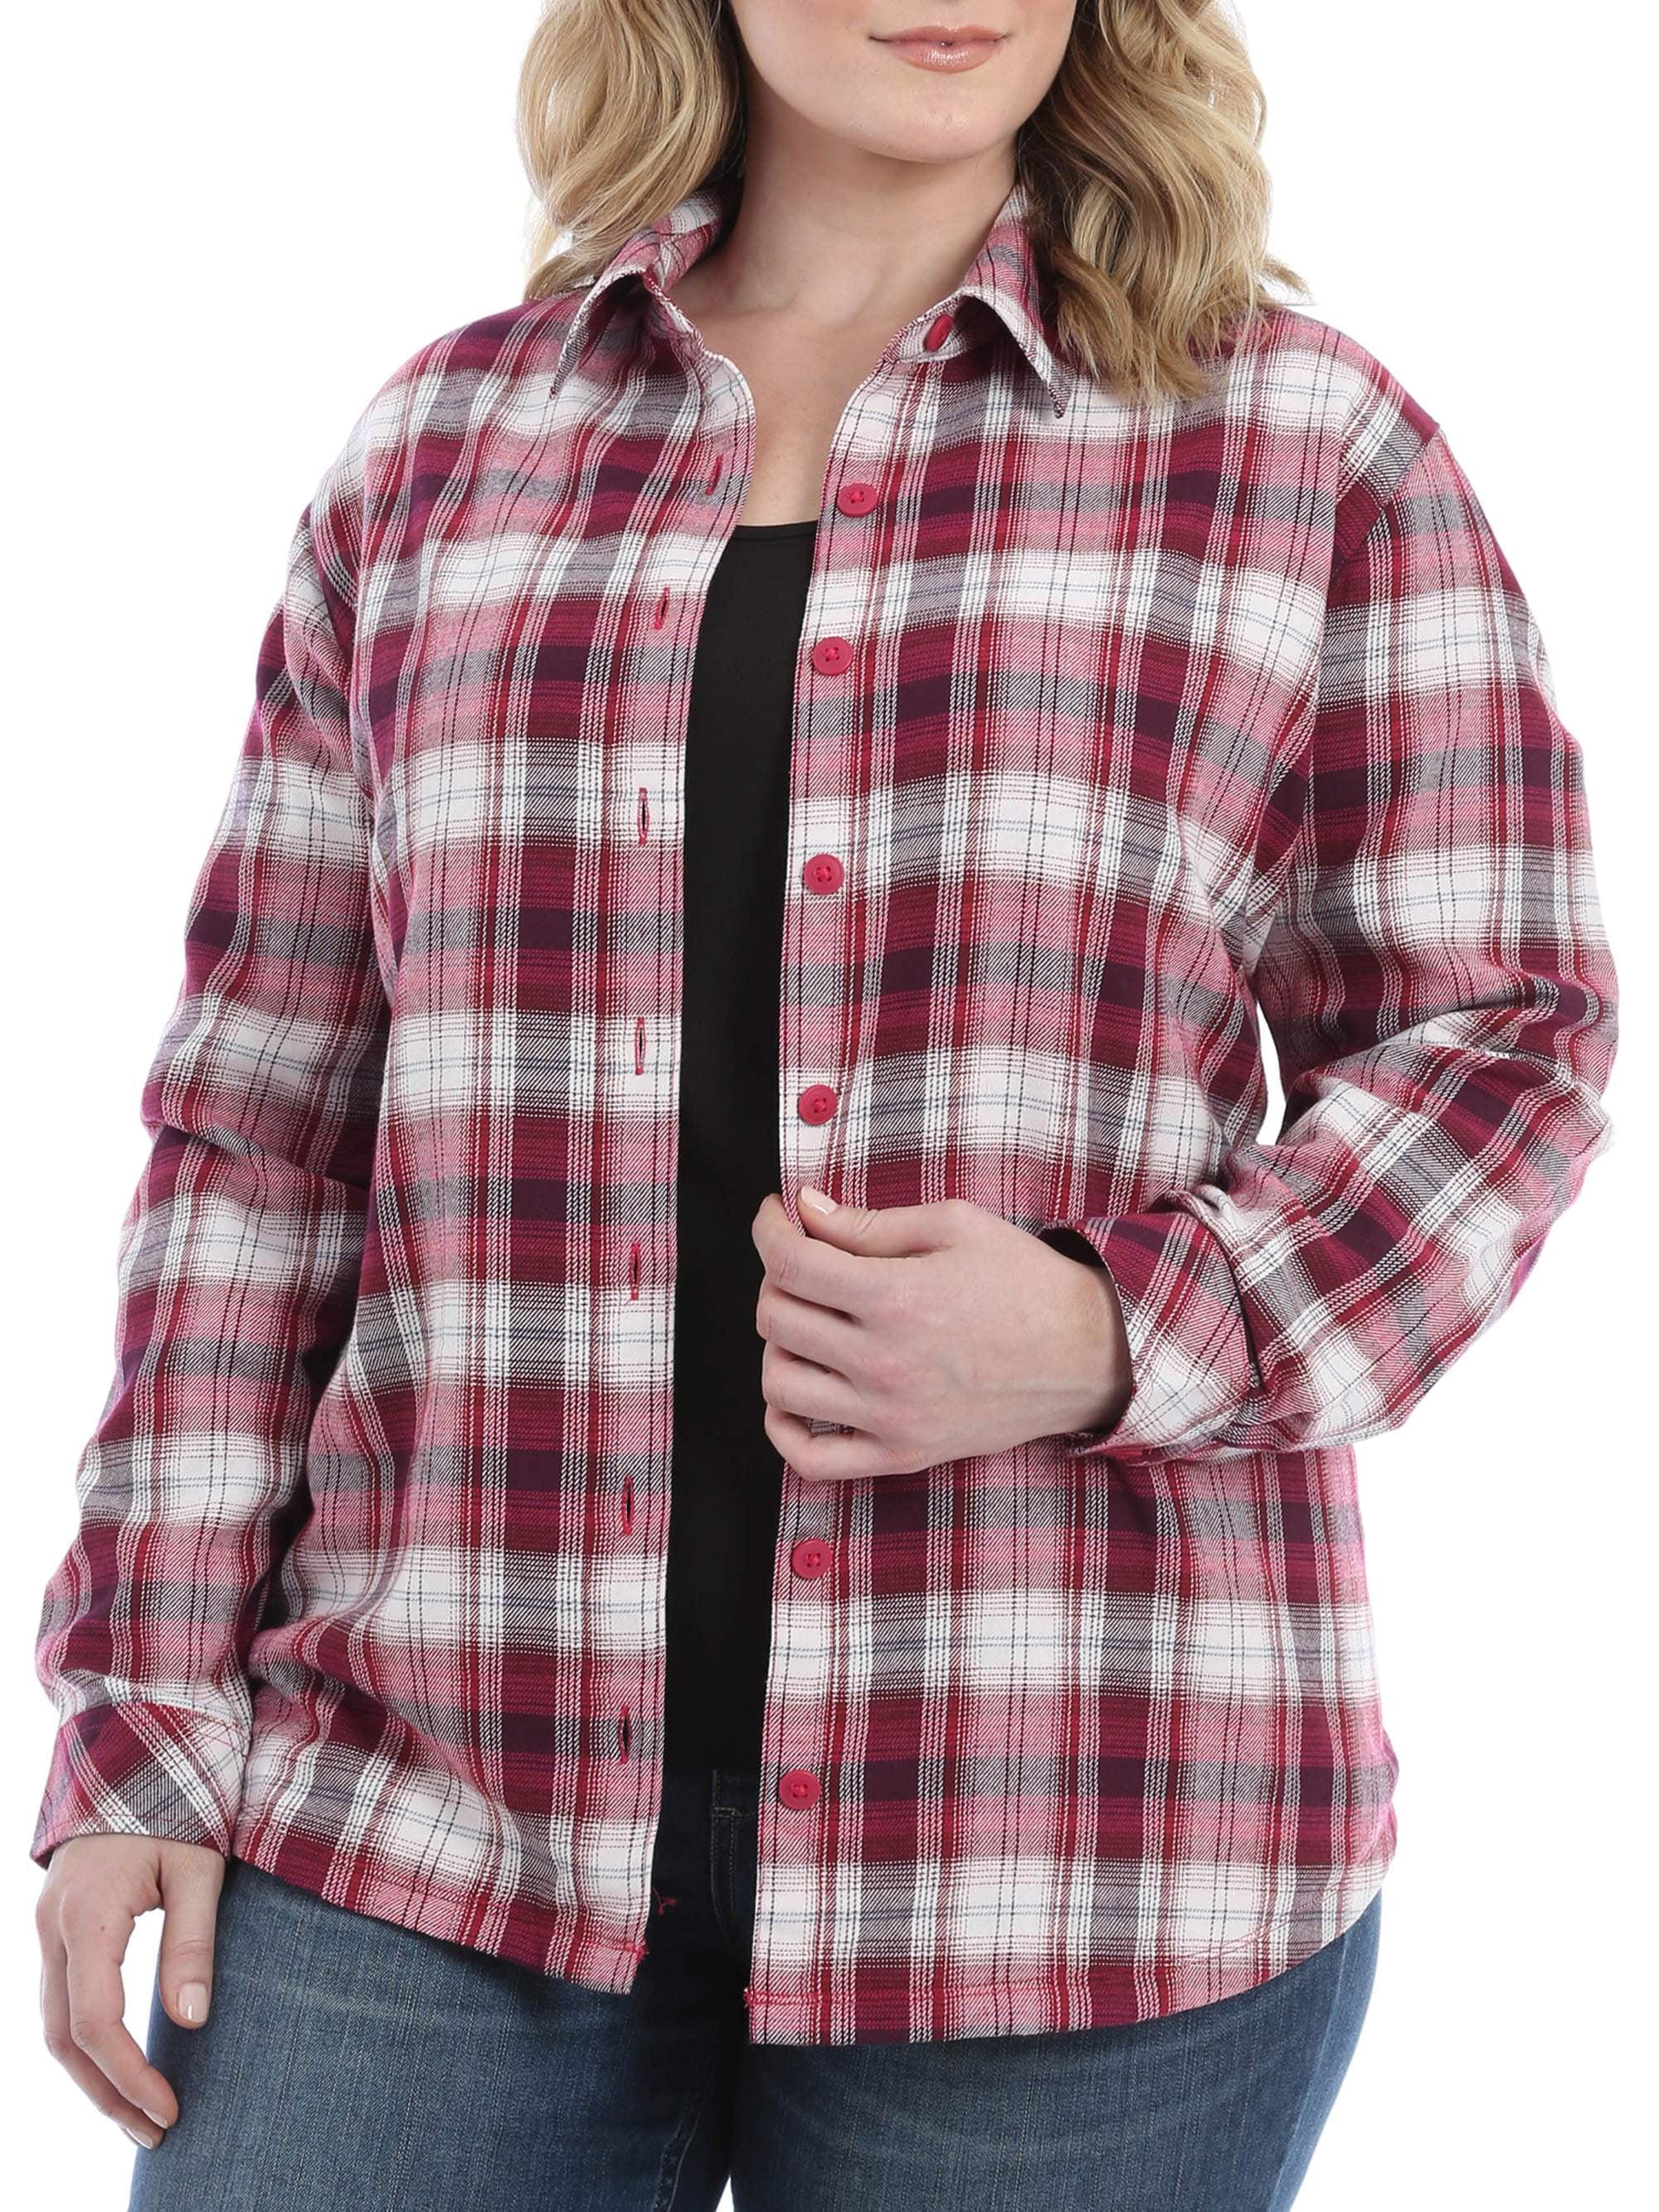 Lee Riders Women's Plus Fleece Lined Flannel Shirt